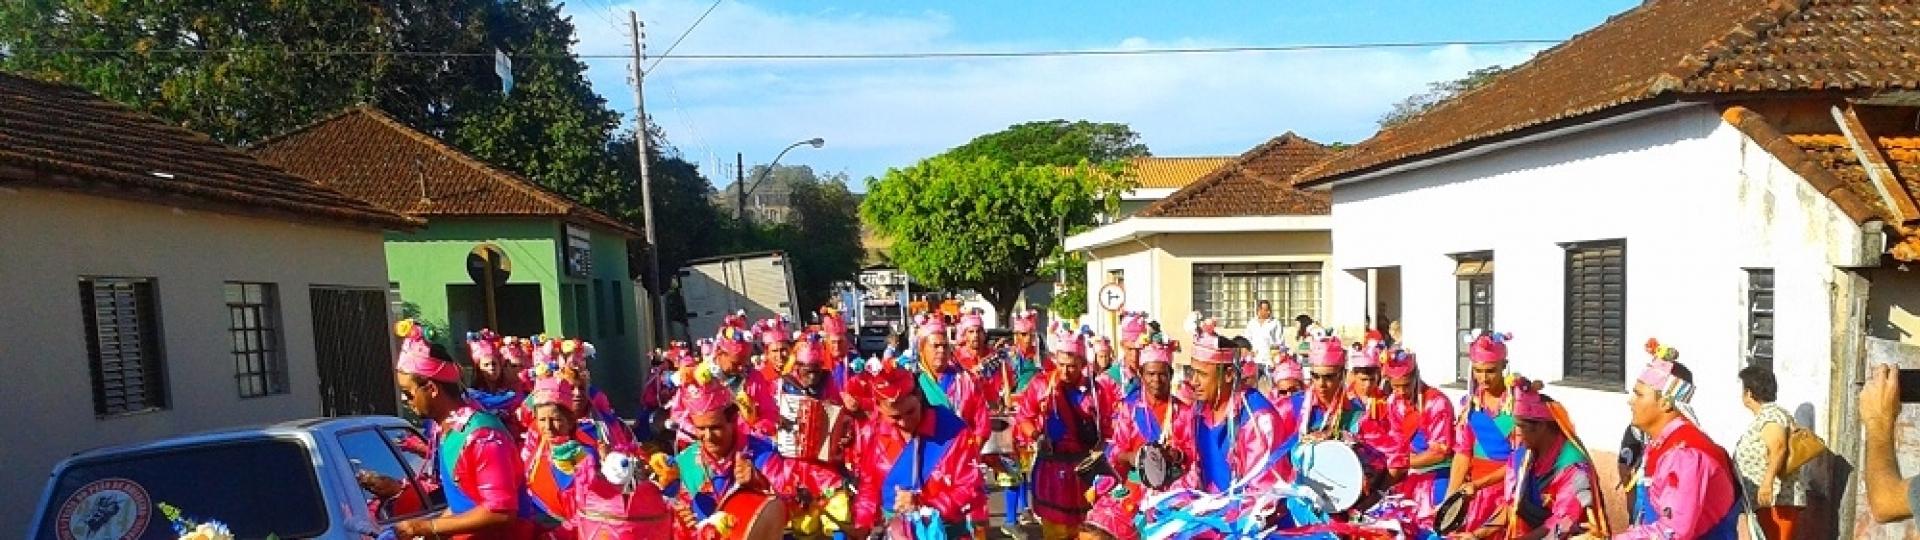 Santo Antônio da Alegria: